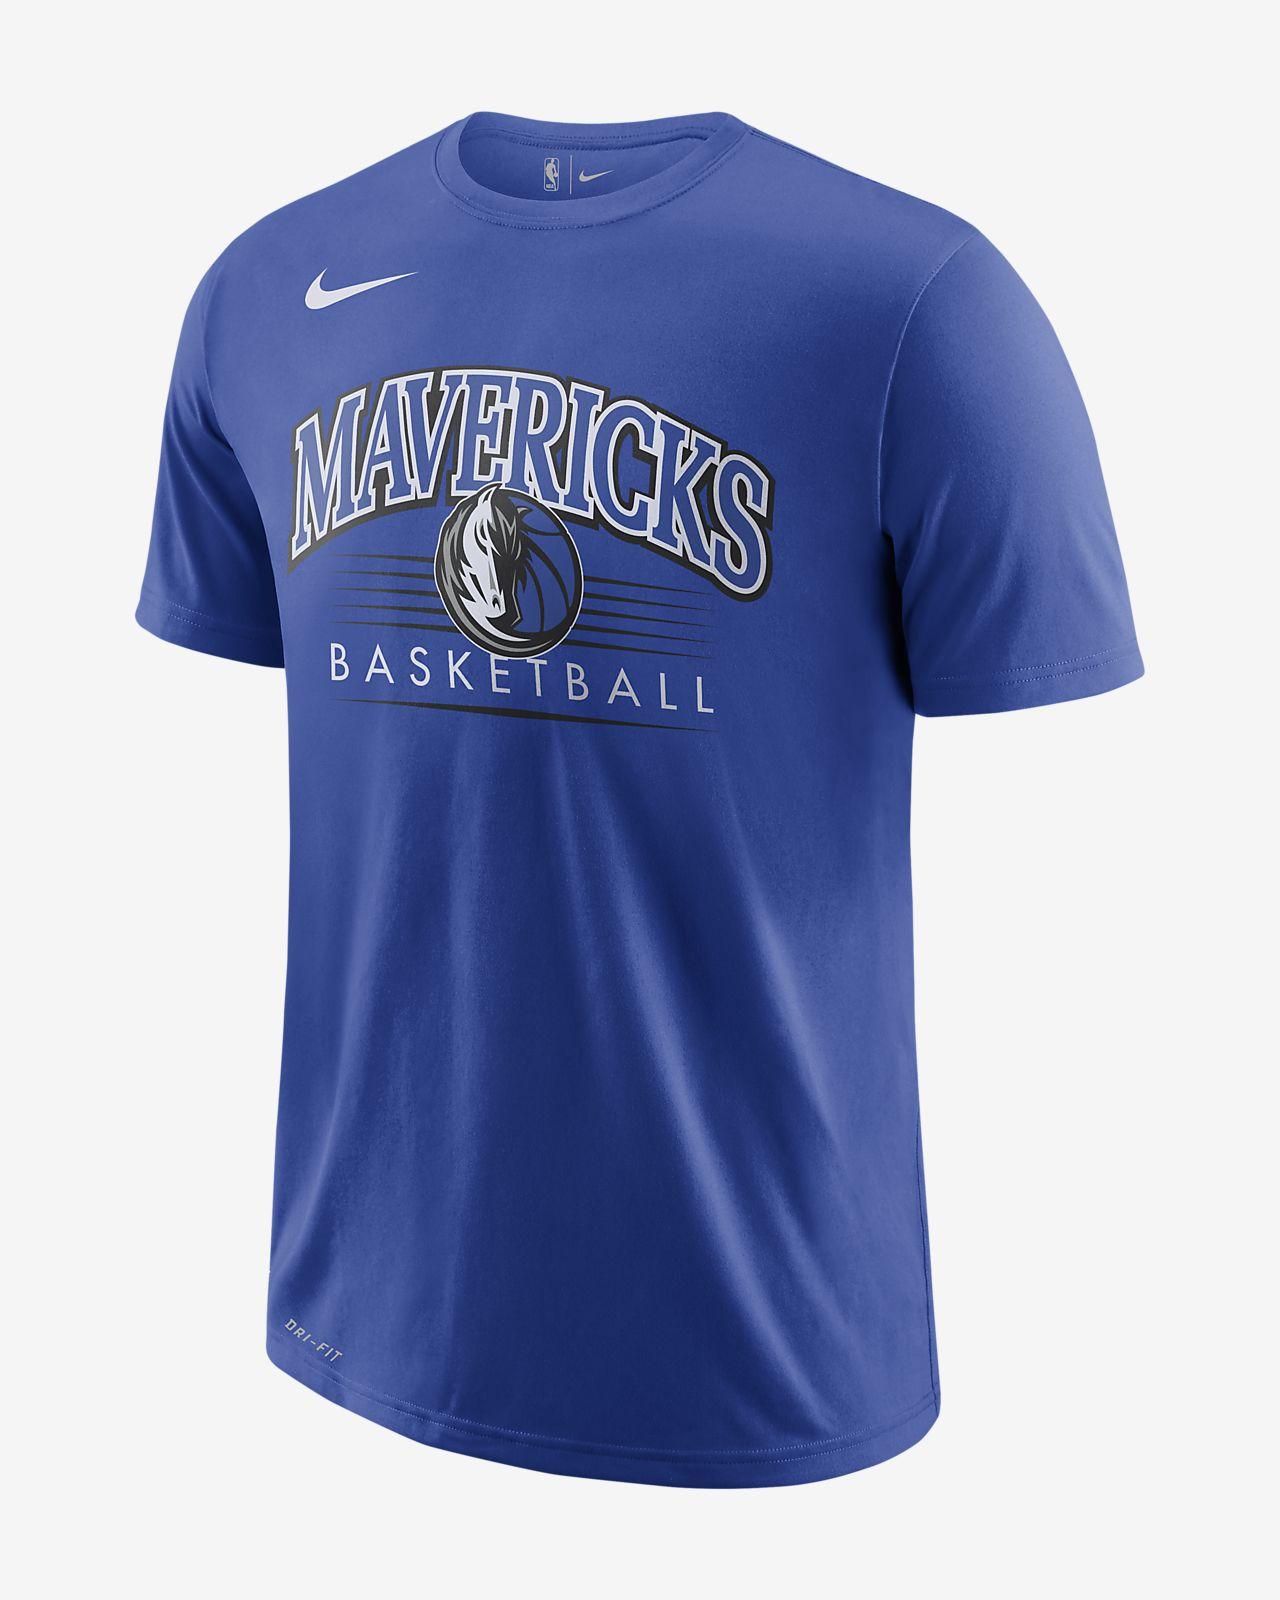 MaverPoloshirt Grösse L Hemden & T-Shirts